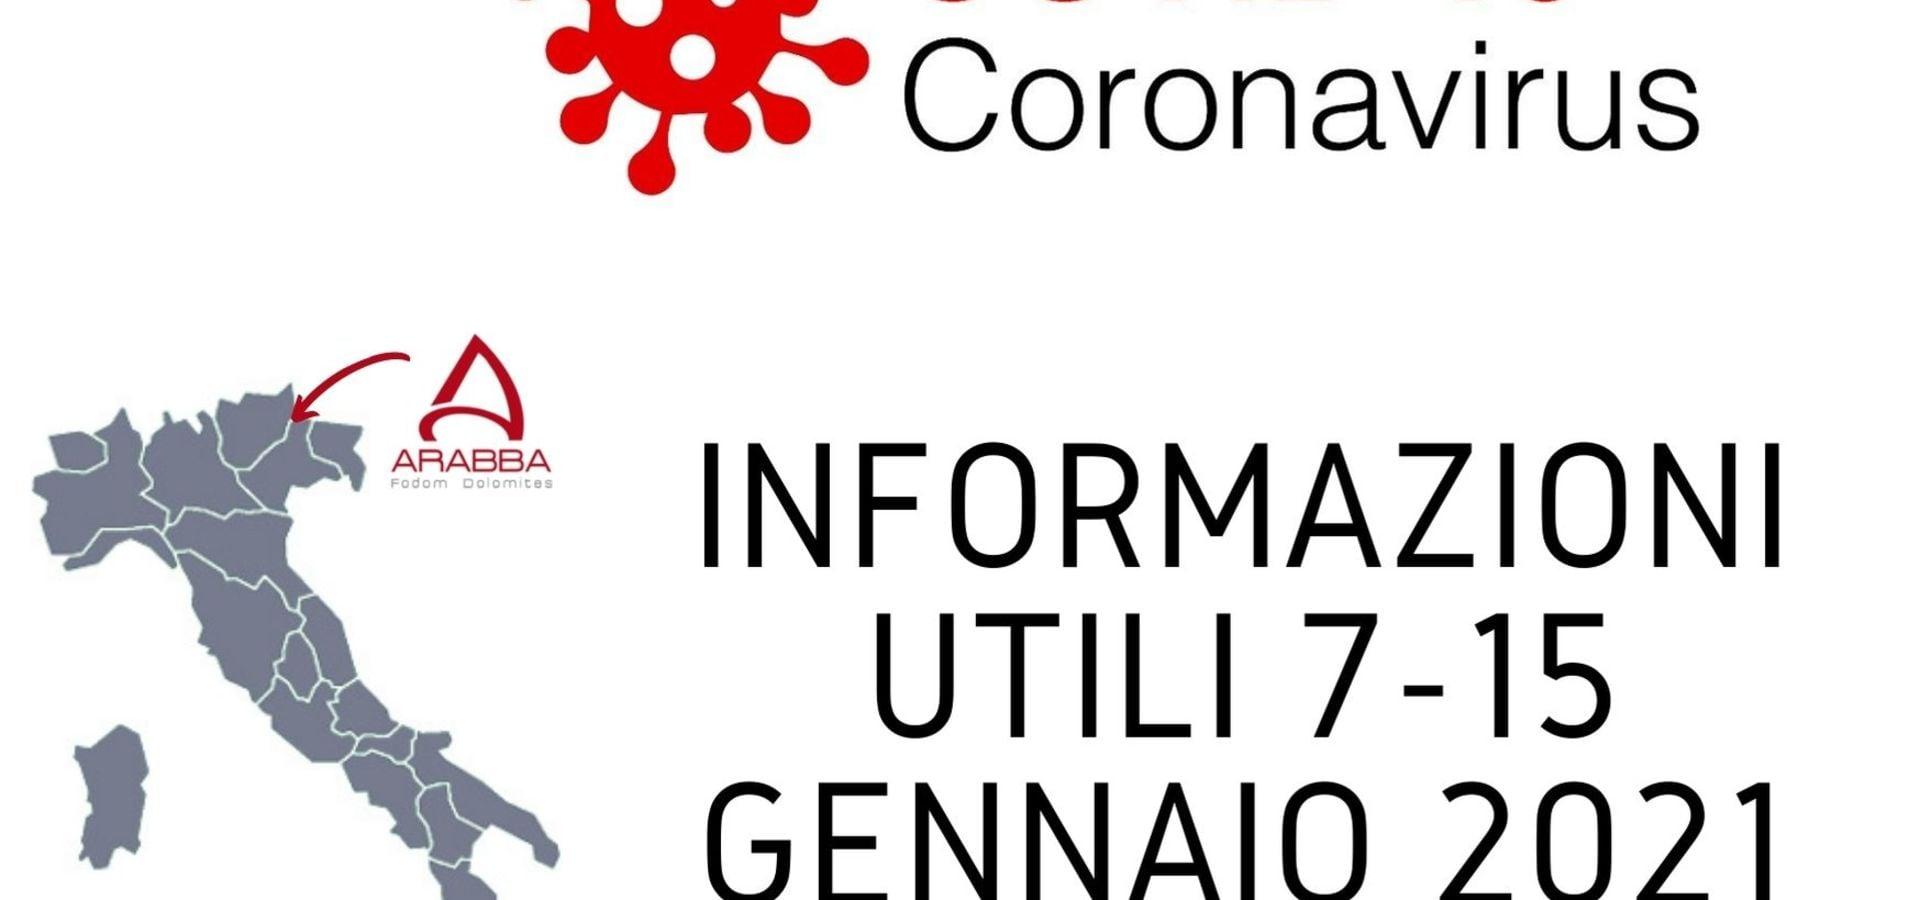 Coronavirus-Updates in Italien